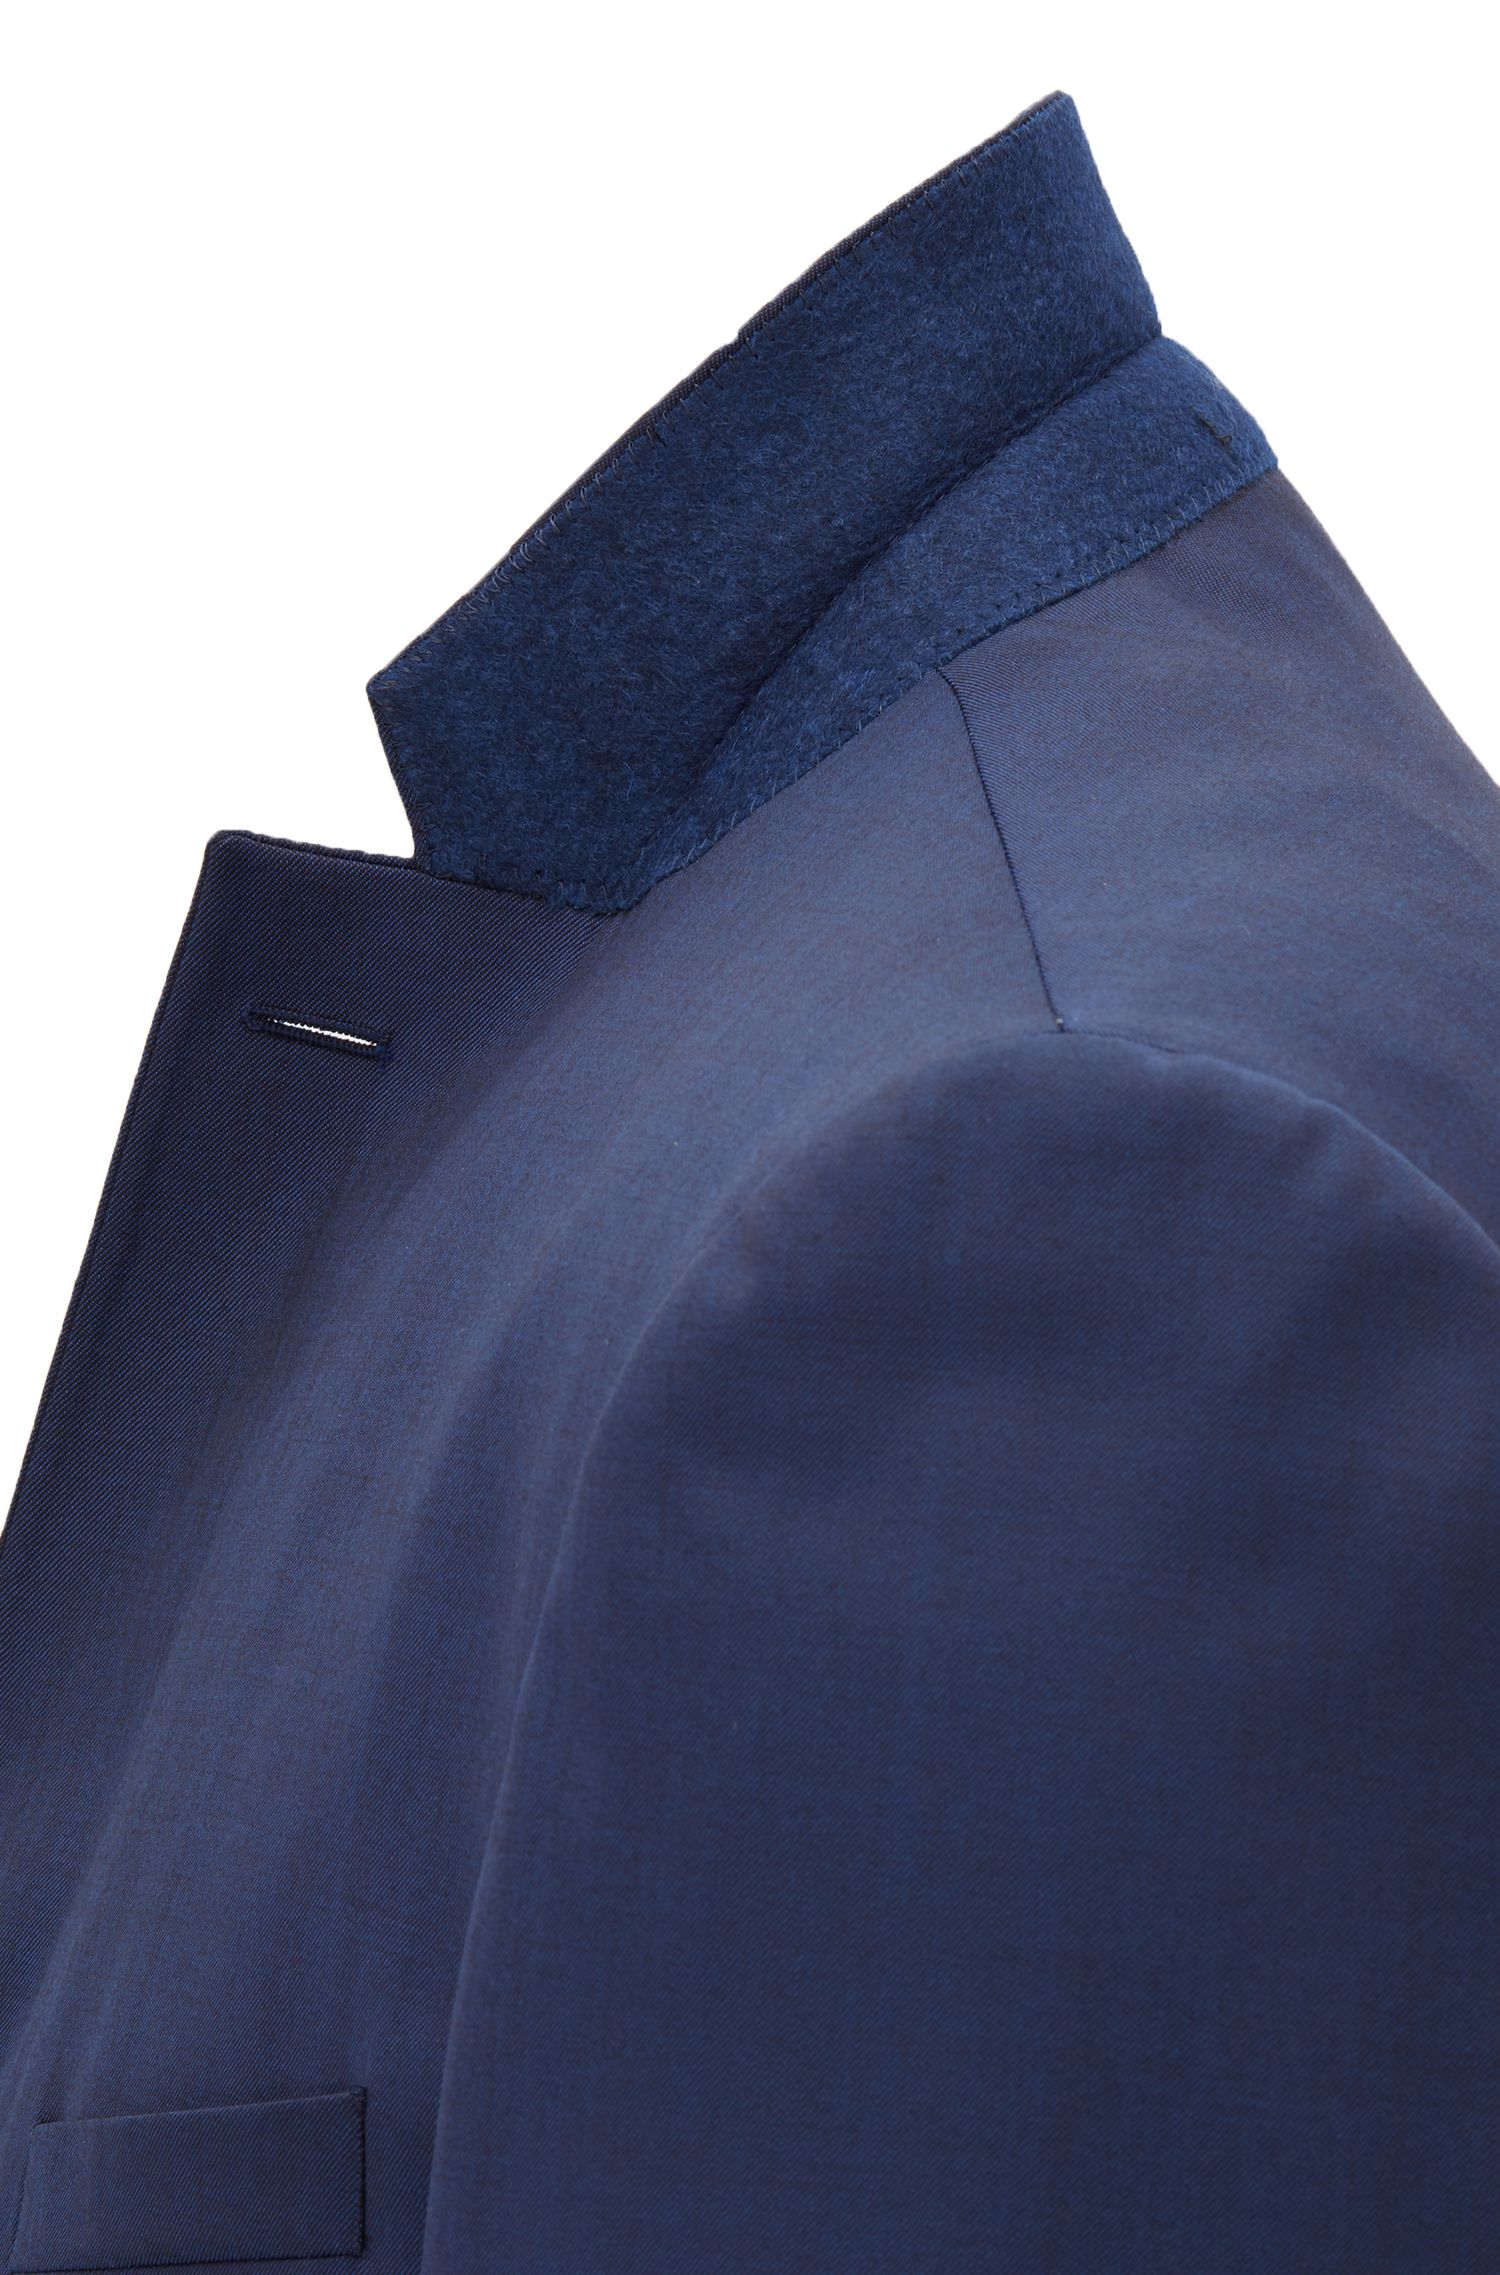 Abito extra slim fit in lana vergine con elasticità naturale, Blu scuro